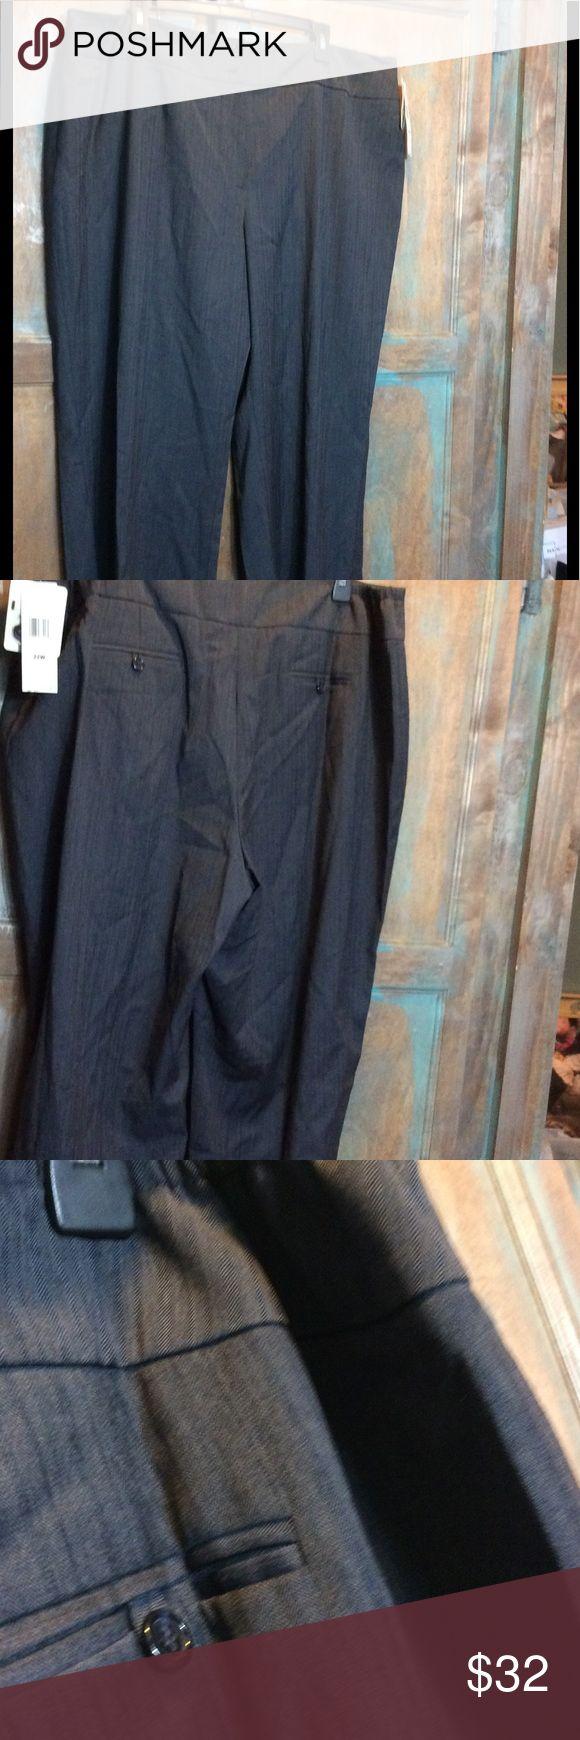 Jones New York Navy dress pants sz 22w NWT Jones New York women's plus size dress pants. Straight wide leg. Size 22w. Color is a navy/grey. Jones New York Pants Straight Leg